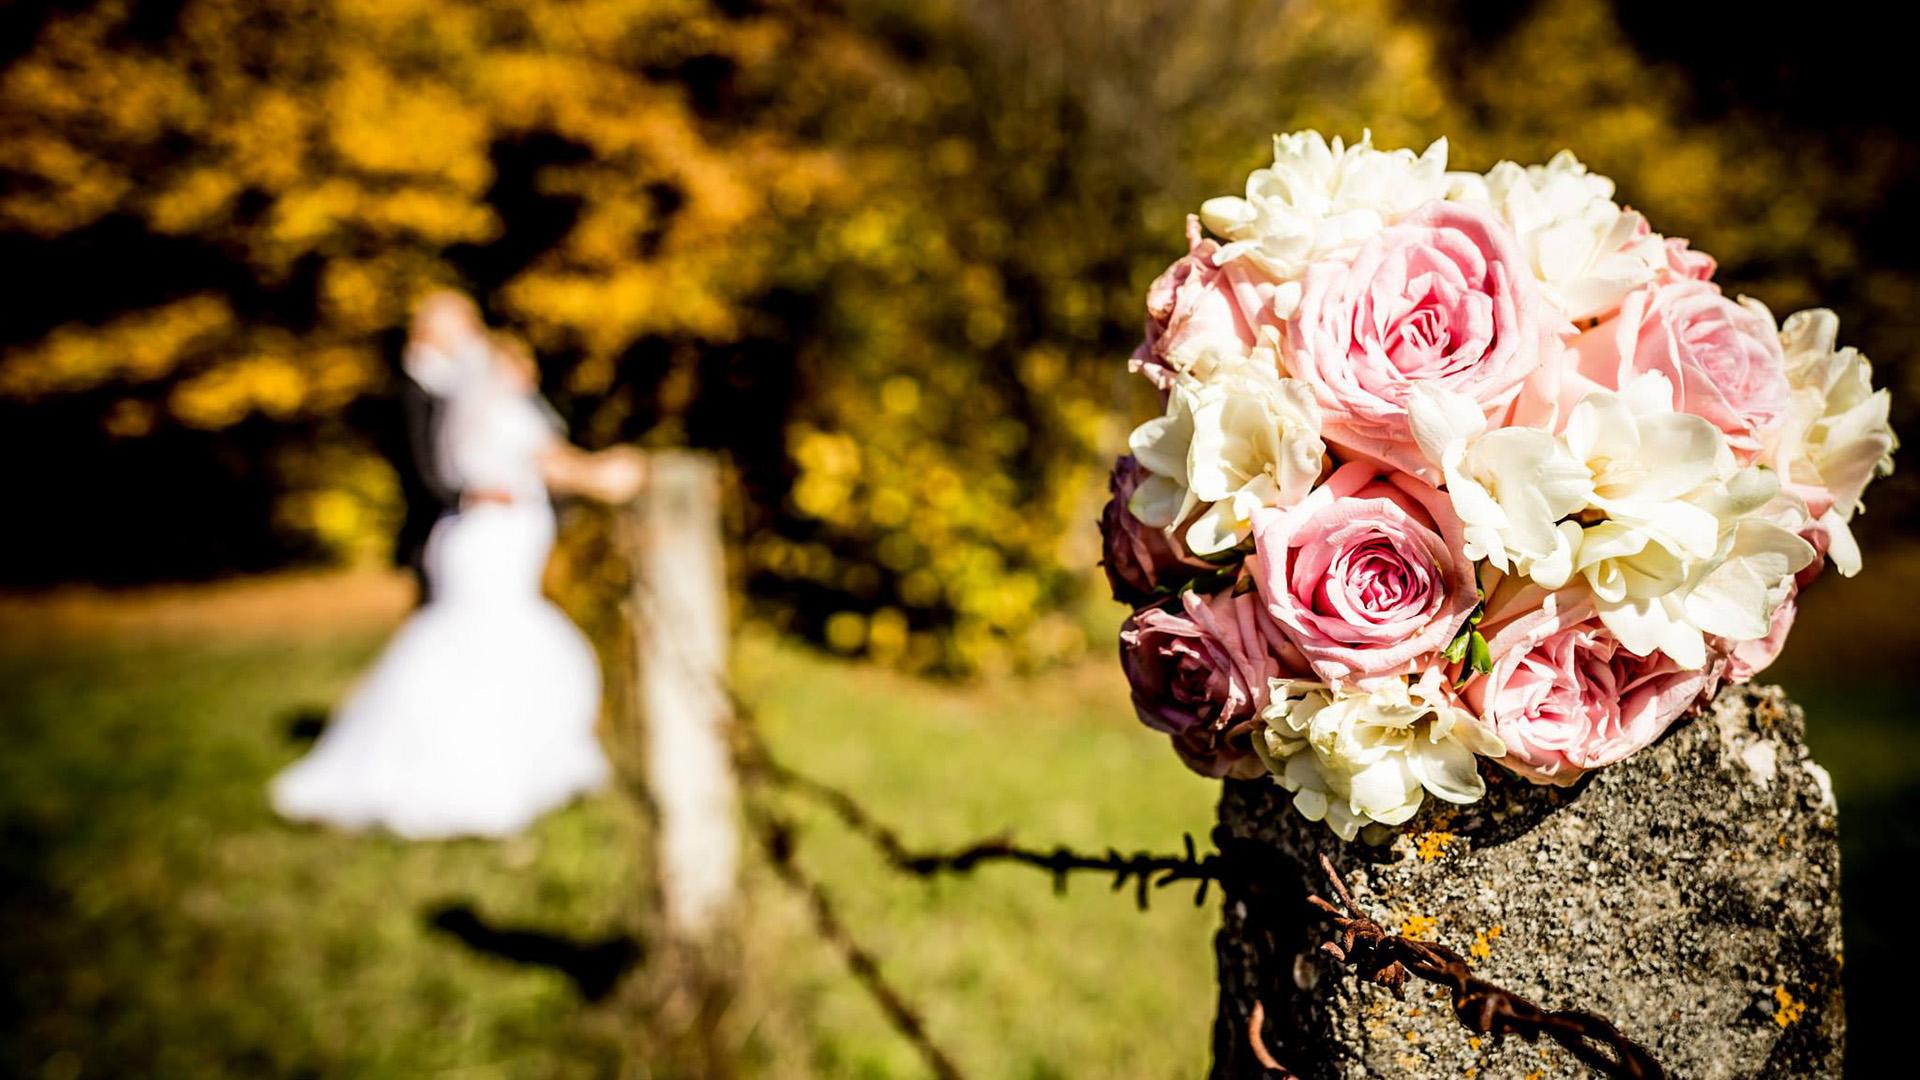 fotografie-nunta-toamna